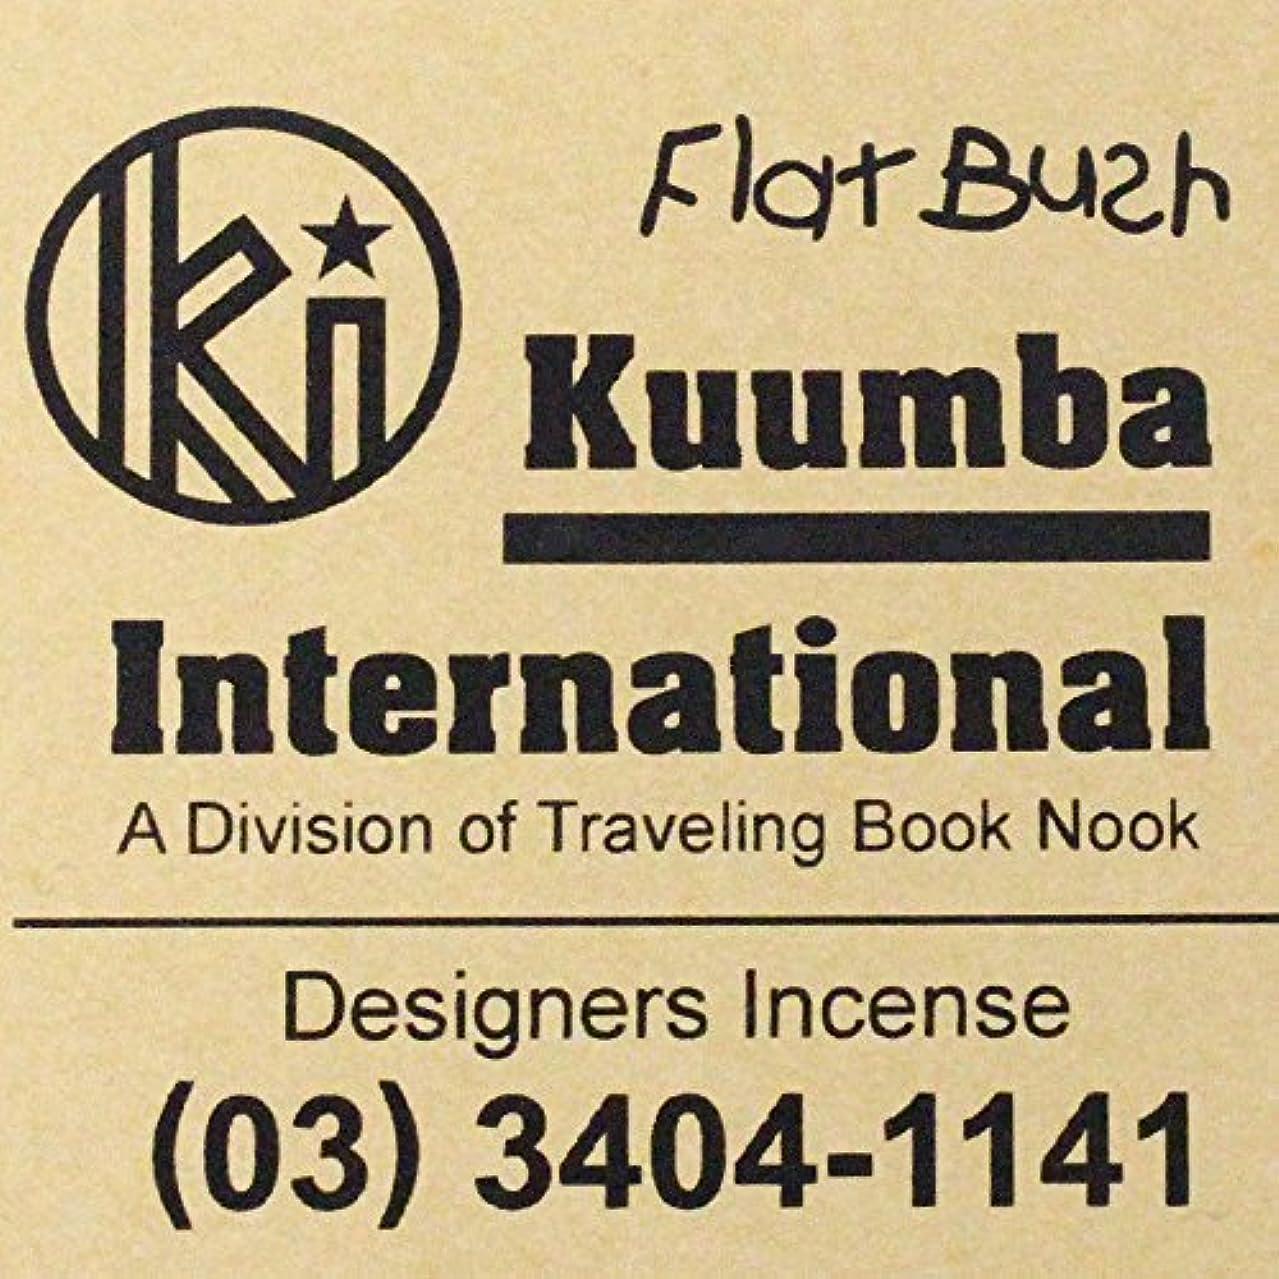 グレートバリアリーフ知覚できる朝(クンバ) KUUMBA『incense』(Flat Bush) (Regular size)